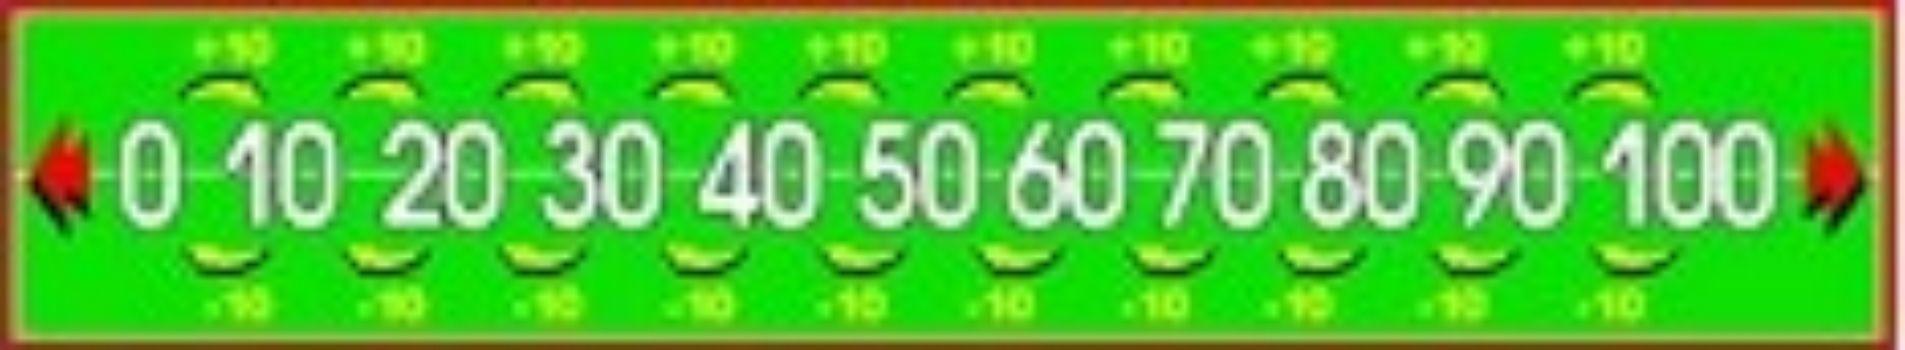 Плакат Числовой ряд. ДесяткиНачальная школа<br>Вашему вниманию предлагается учебное наглядное пособие с числовым рядом десятки. Материал: картон.<br><br>Год: 2015<br>ISBN: 978-5-9780-0751-0<br>Высота: 146<br>Ширина: 770<br>Толщина: 1